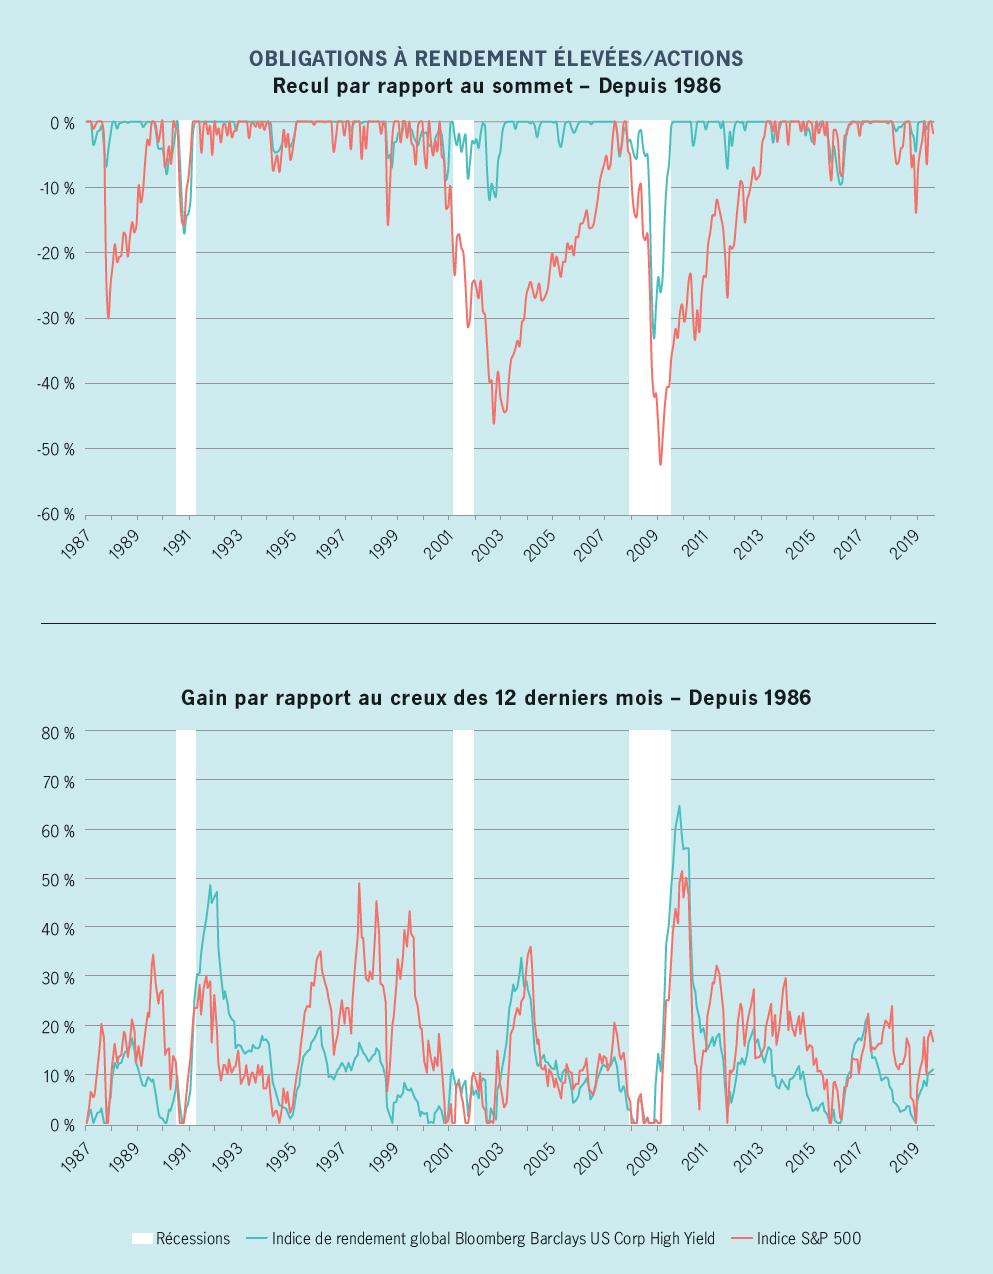 La pondération des obligations à rendement élevé a été déterminée en partie d'après des données historiques qui montrent que cette catégorie d'actifs a tendance à moins reculer que les actions lors d'un marché baissier, mais qu'elle affiche une progression semblable après une correction ou un marché baissier